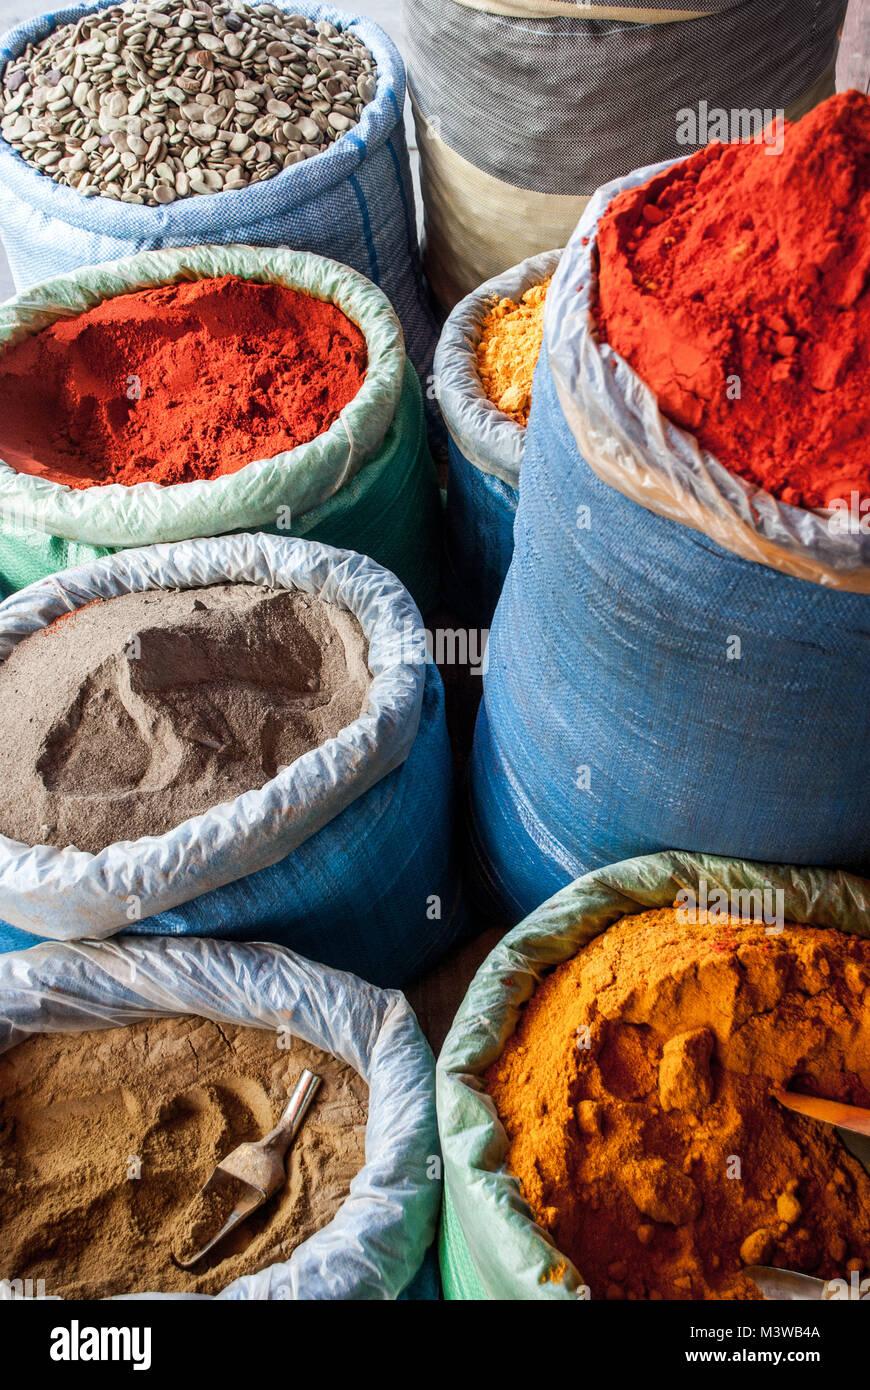 Sacks of multicolored spices in a store in La Paz, Bolivia - Stock Image